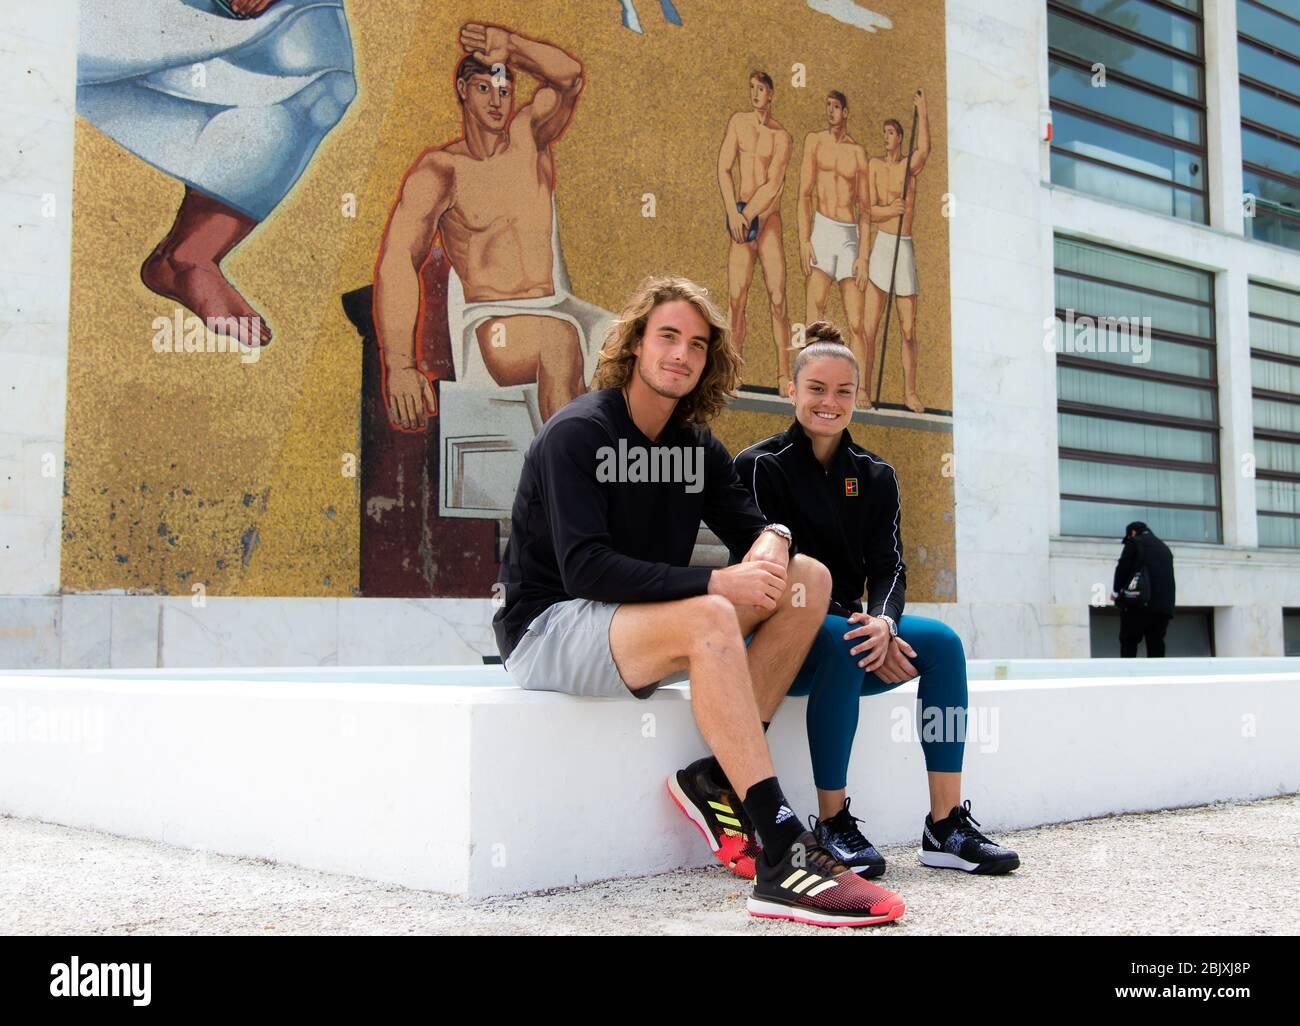 Maria Sakkari & Stefanos Tsitsitas de Grecia durante una sesión de fotos en el torneo de tenis Internazionali BNL d'Italia WTA Premier 5 2019 Foto de stock